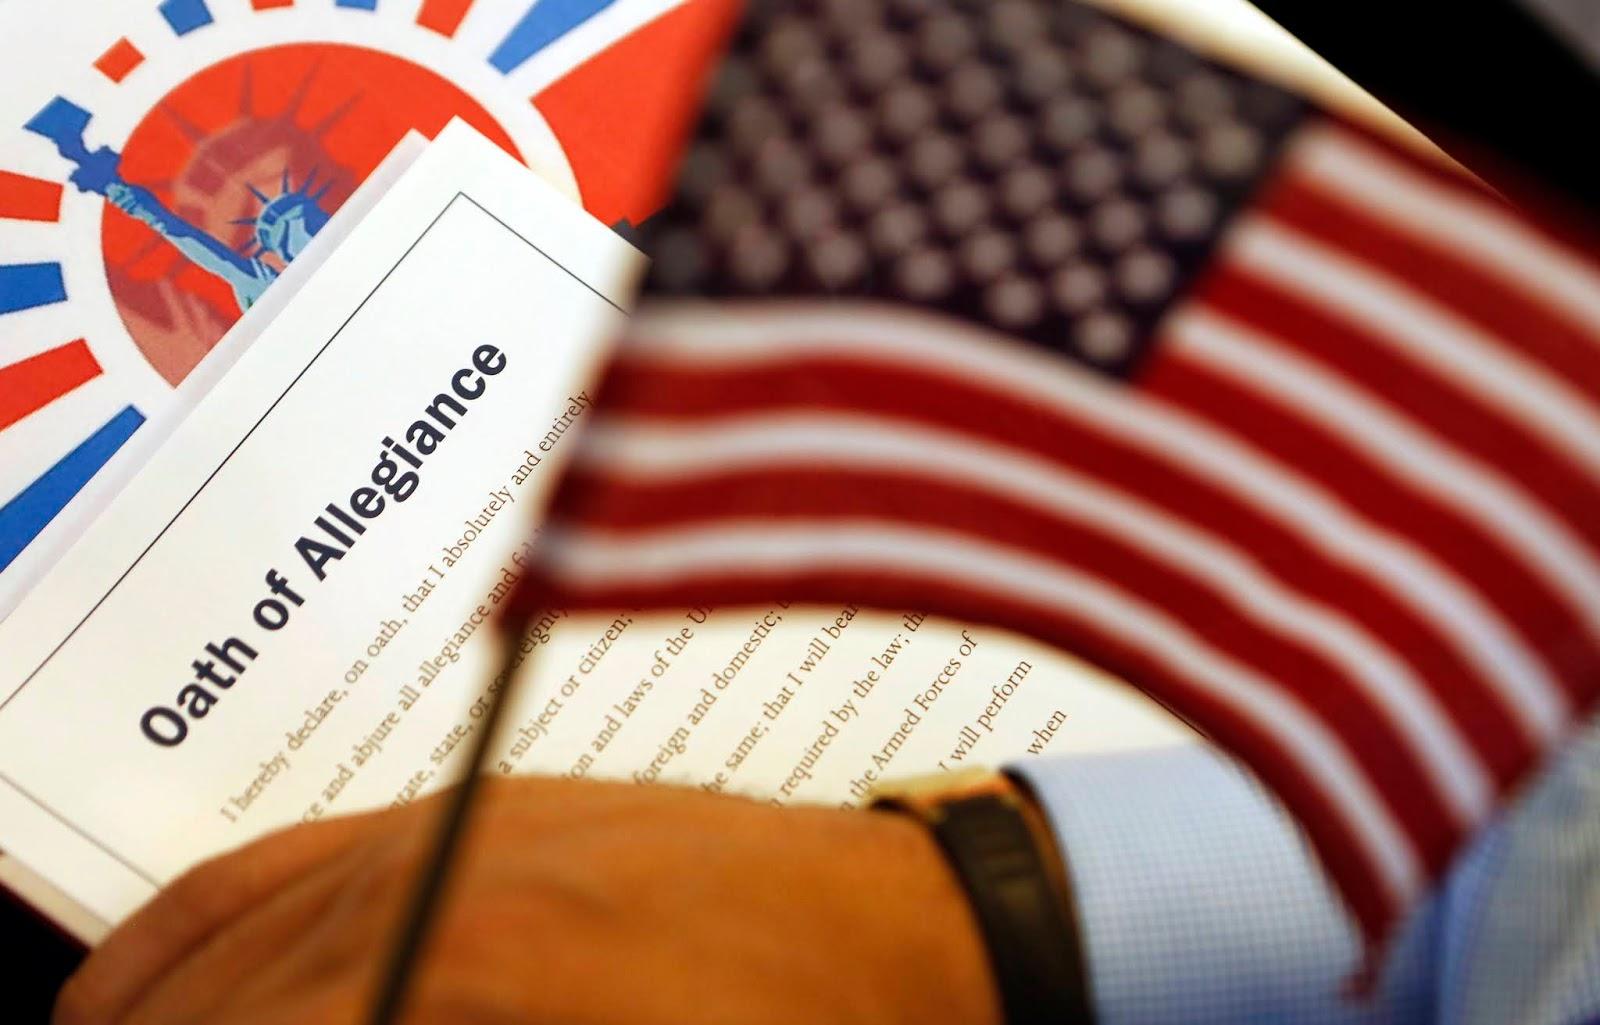 اختبار الجنسية الامريكية الاسئلة التي ينبغي الاجابة عنها بنعم